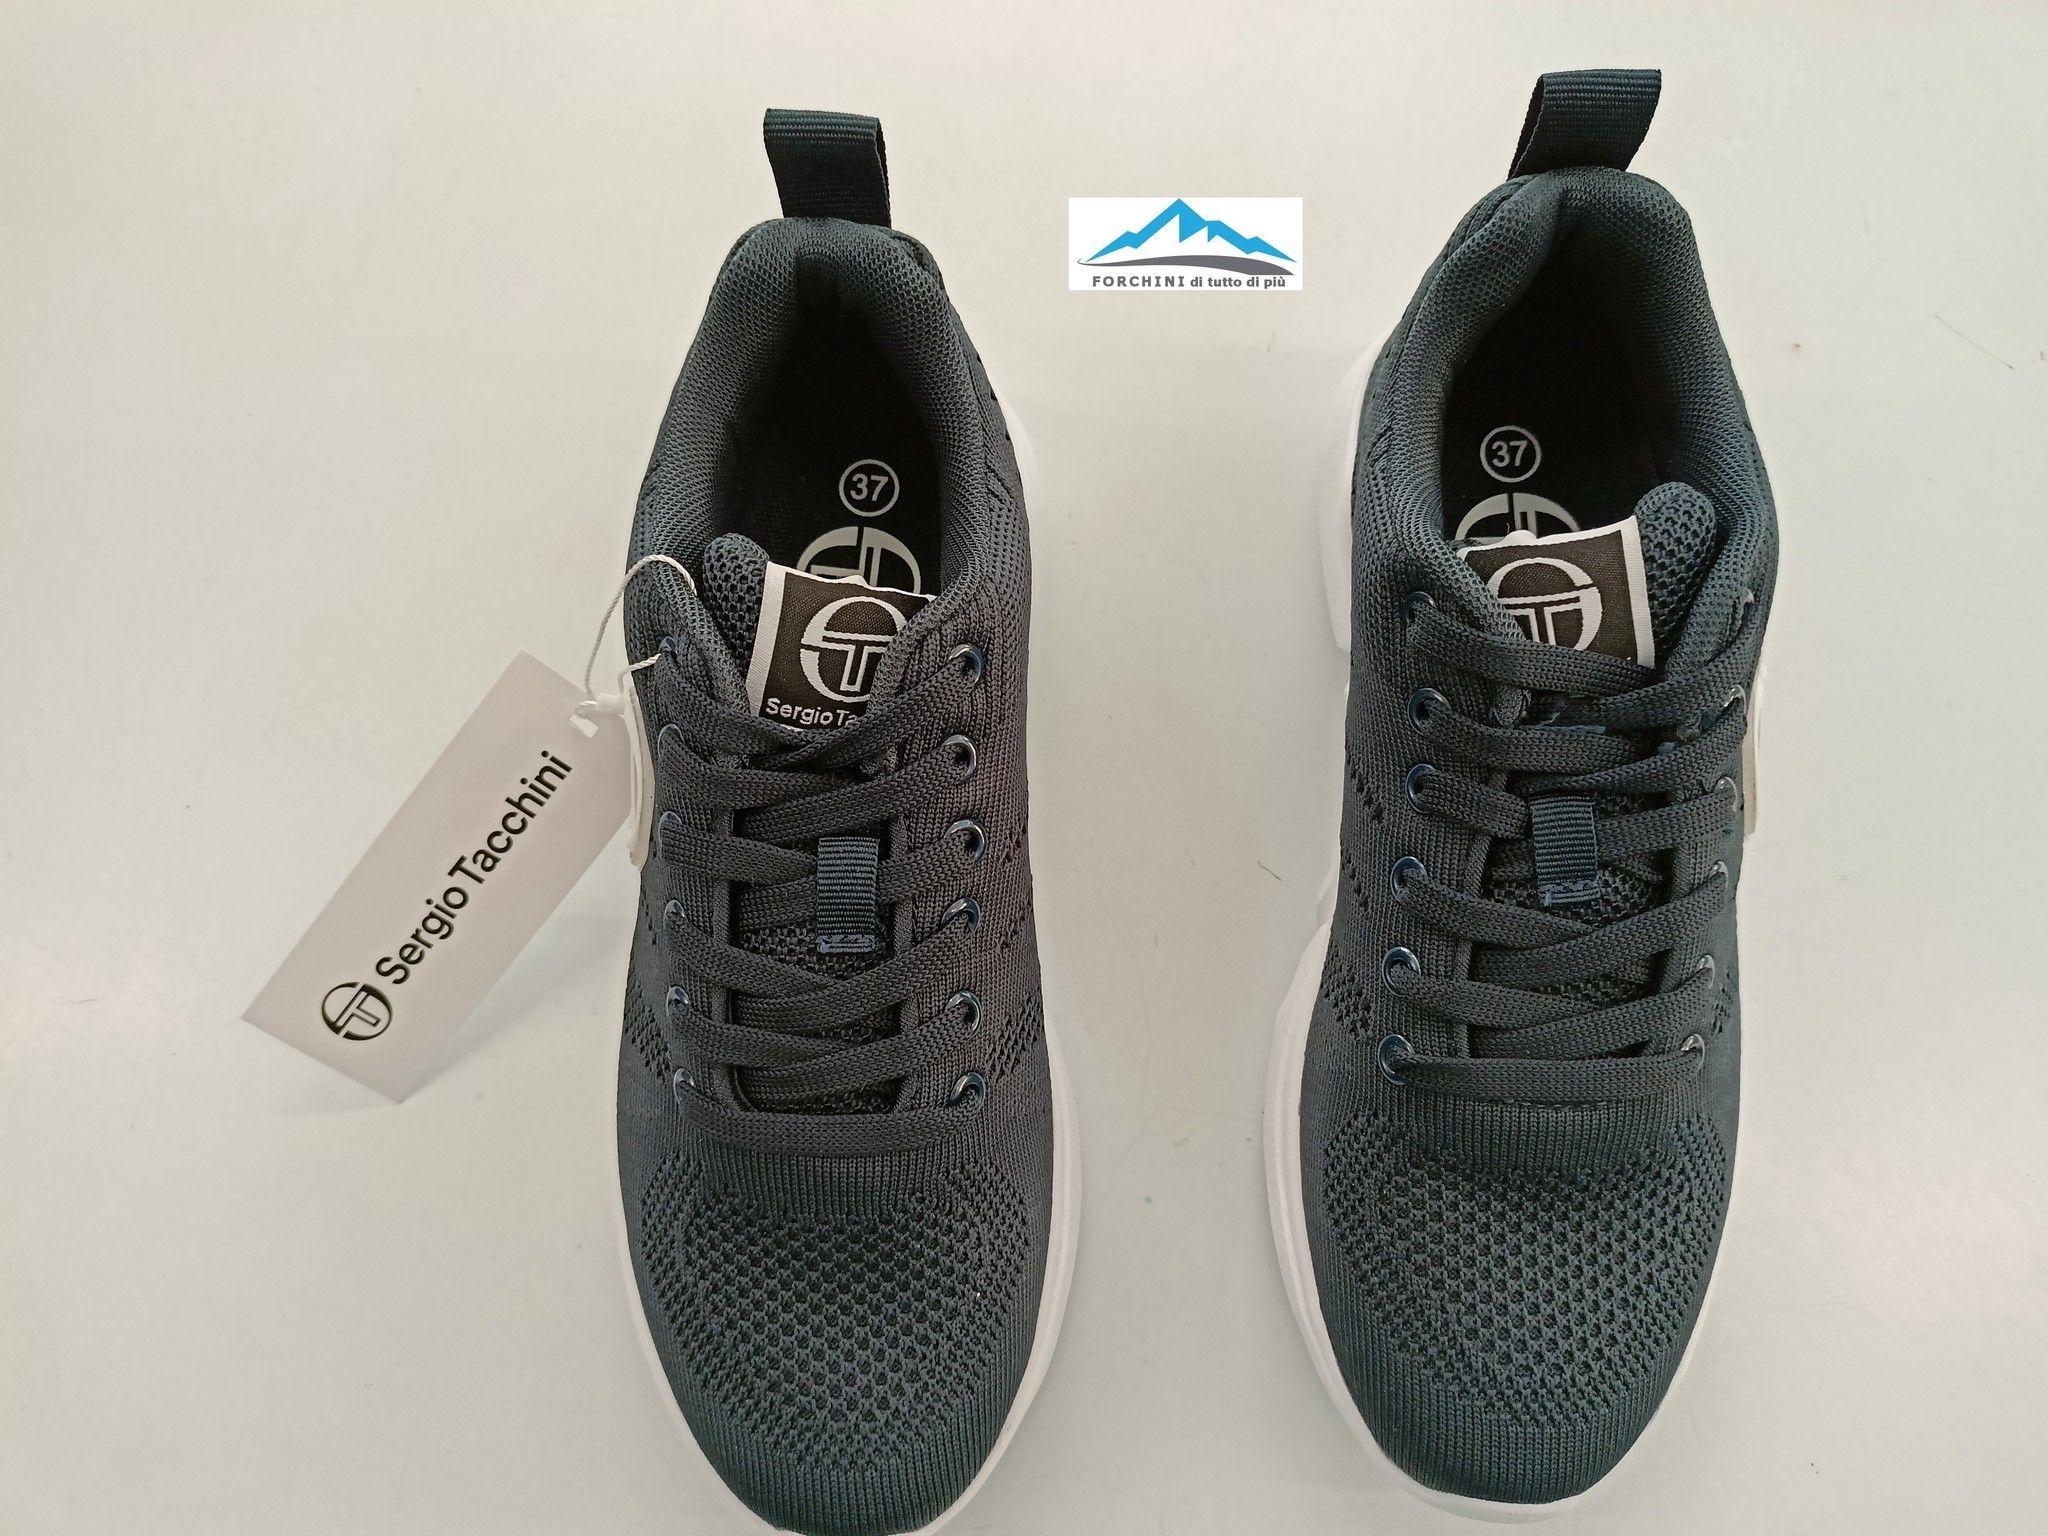 scarpe sportive sergio tacchini